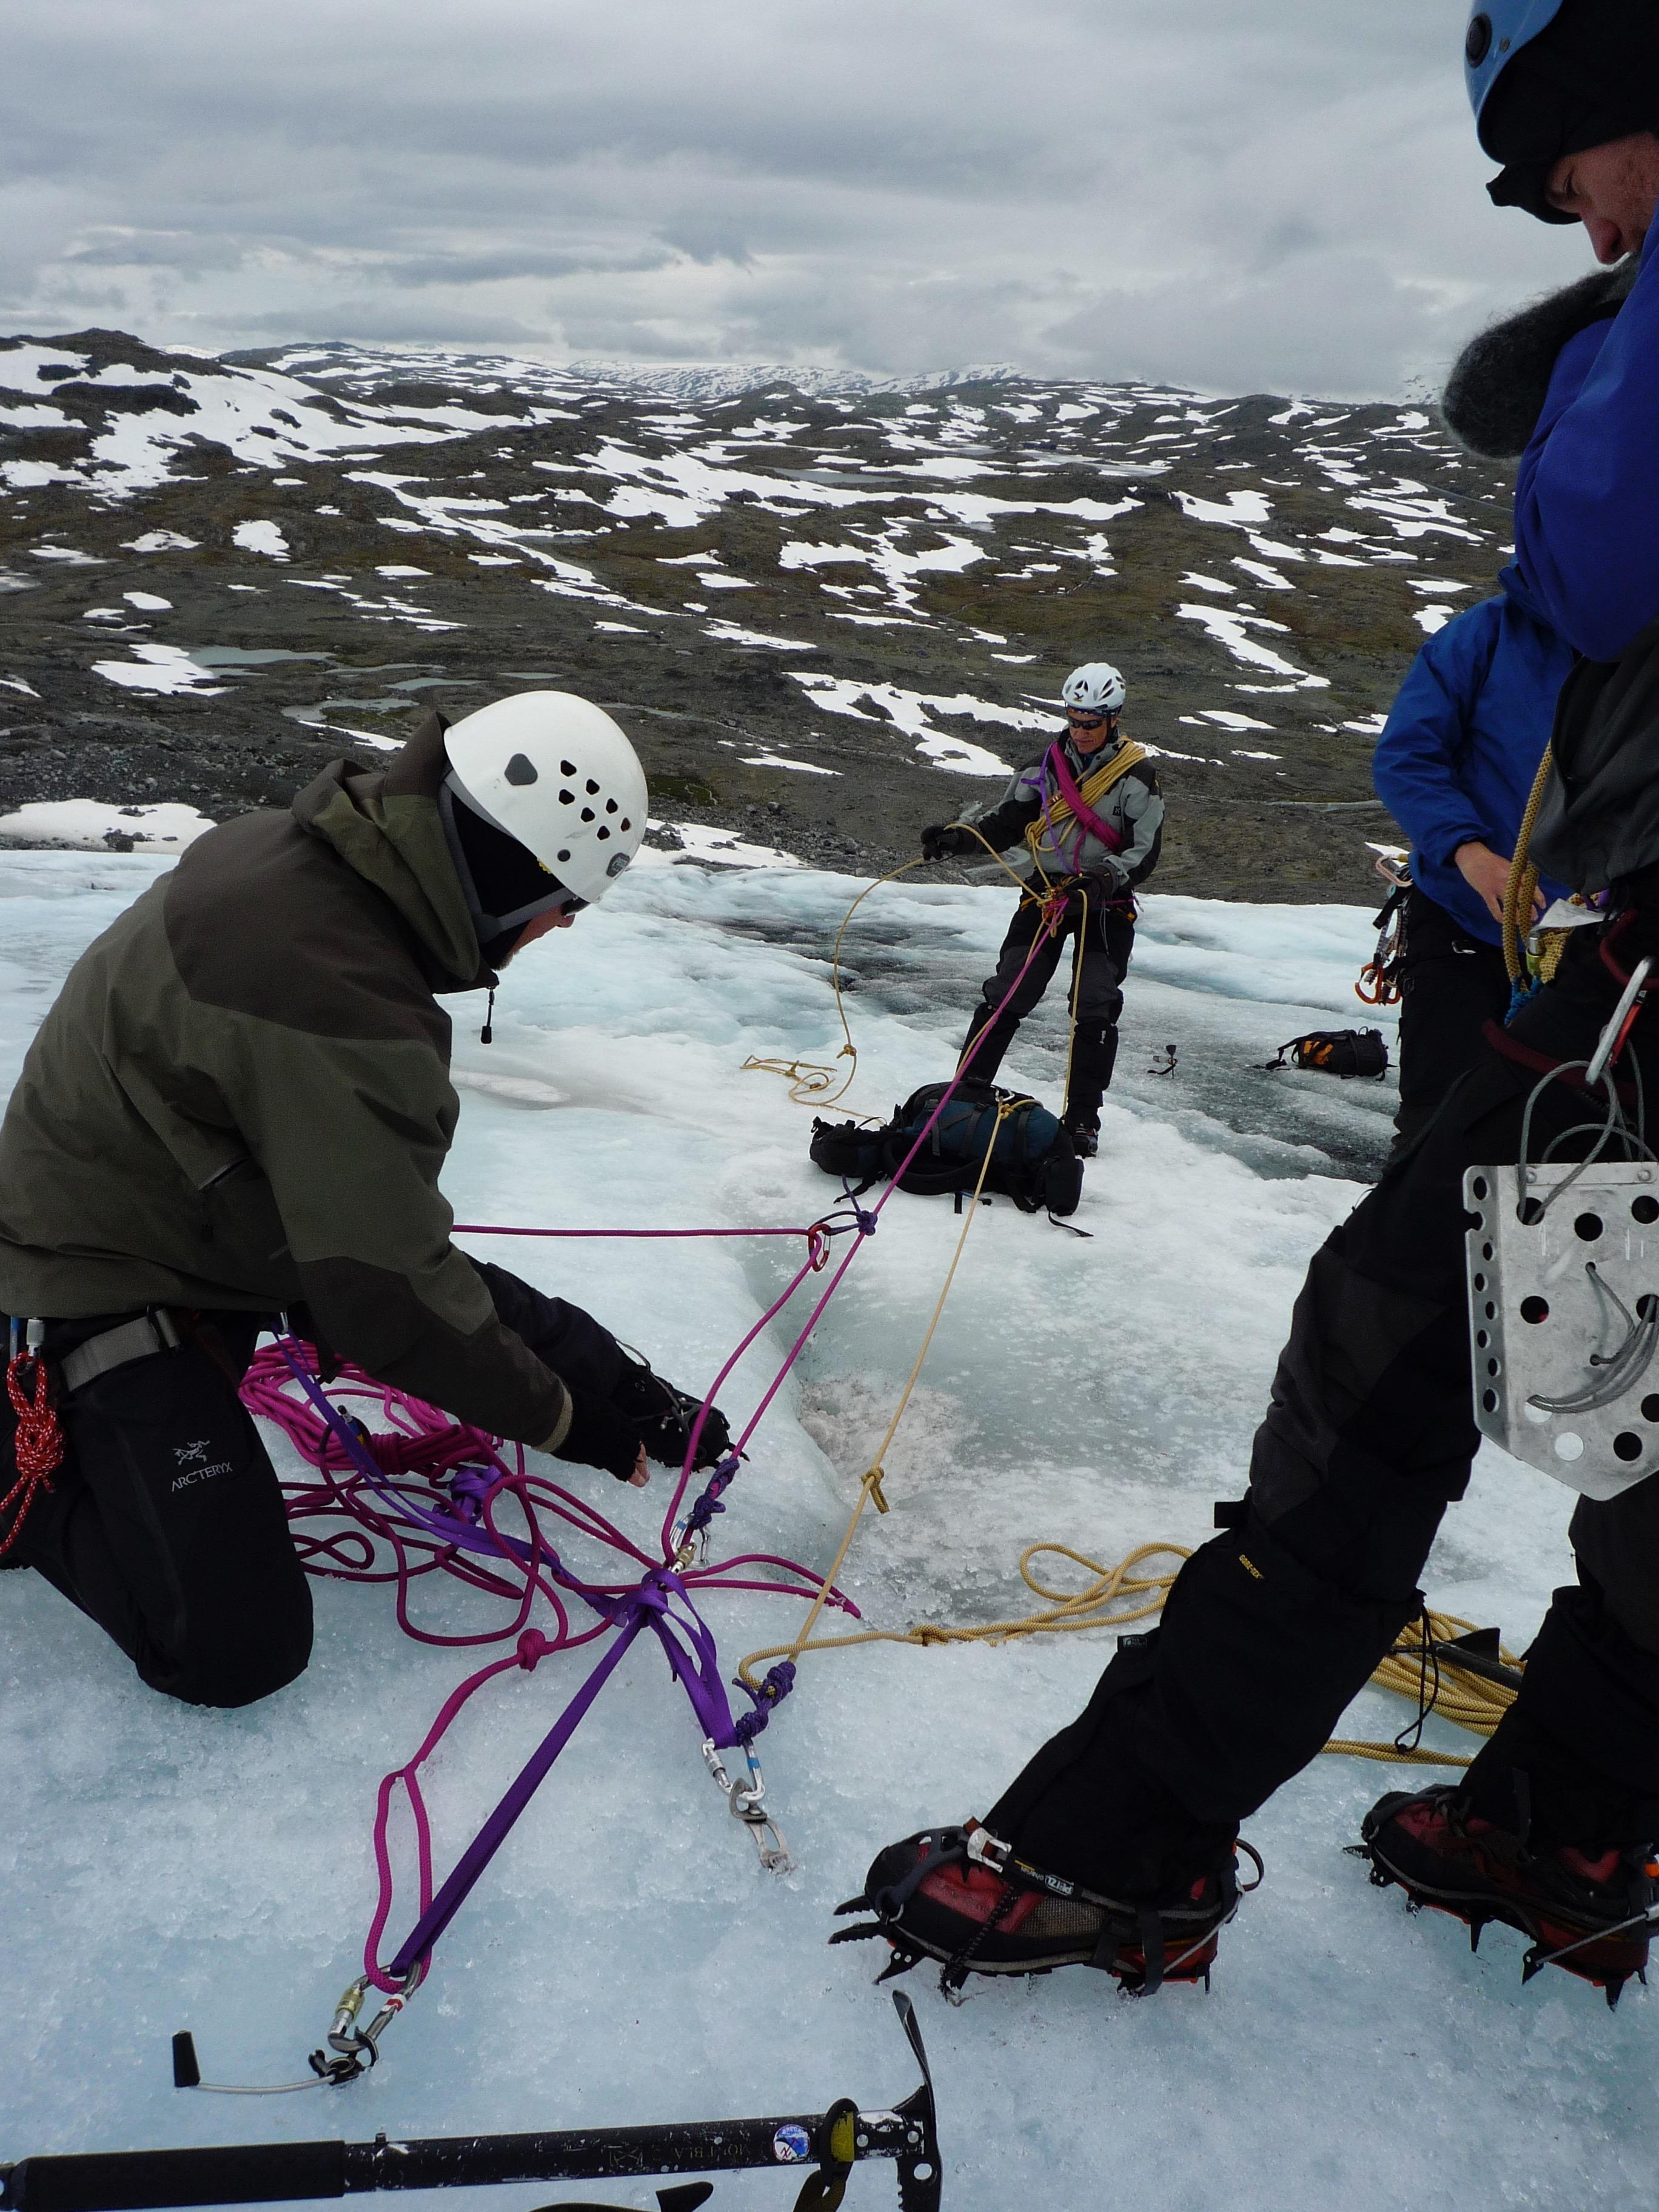 What crevasse rescue equipment?